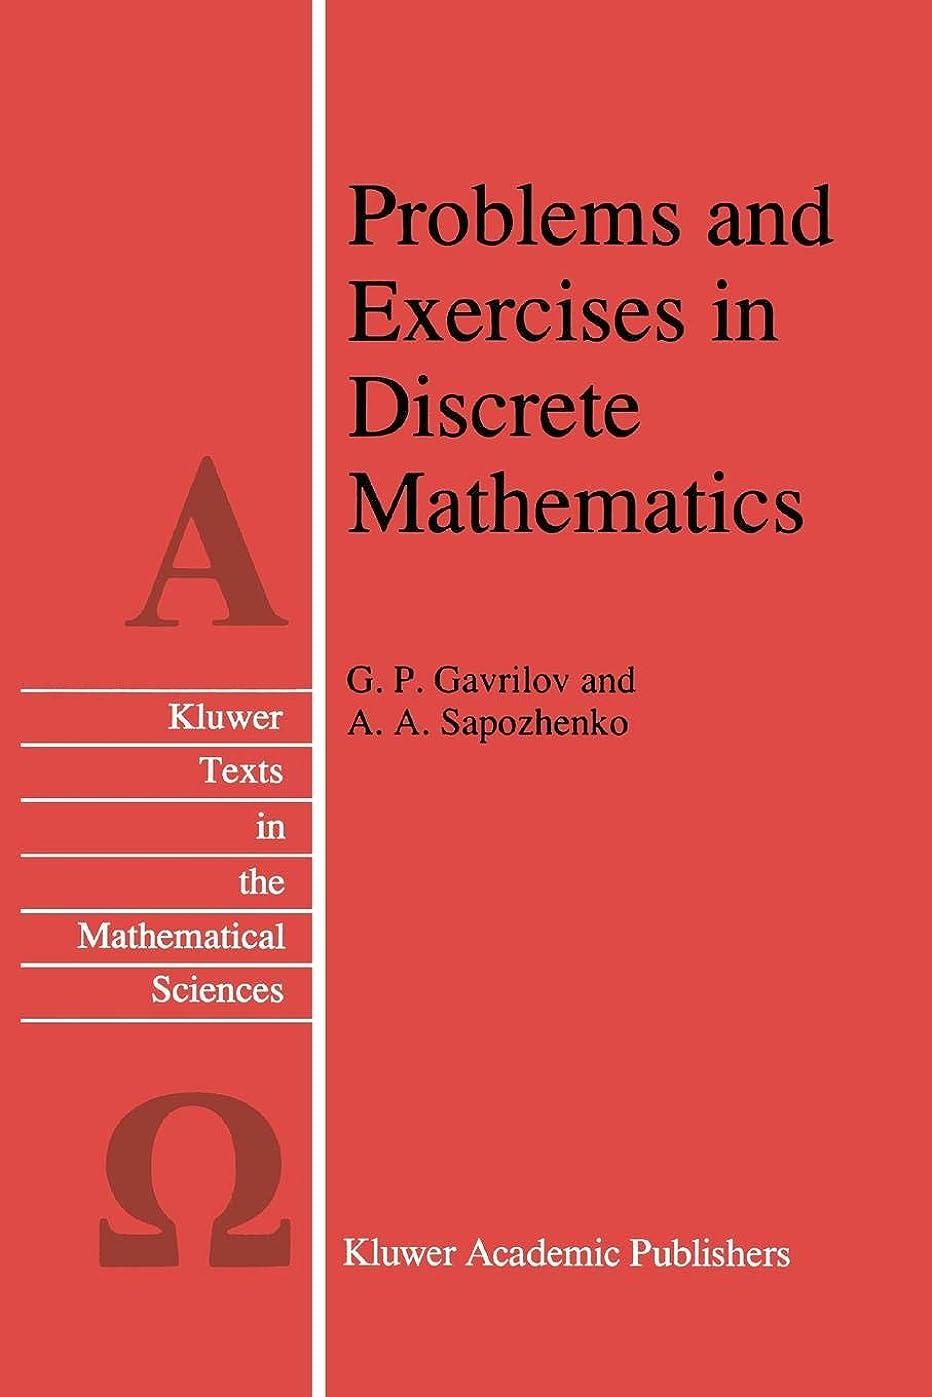 教会落胆したびっくりしたProblems and Exercises in Discrete Mathematics (Texts in the Mathematical Sciences)